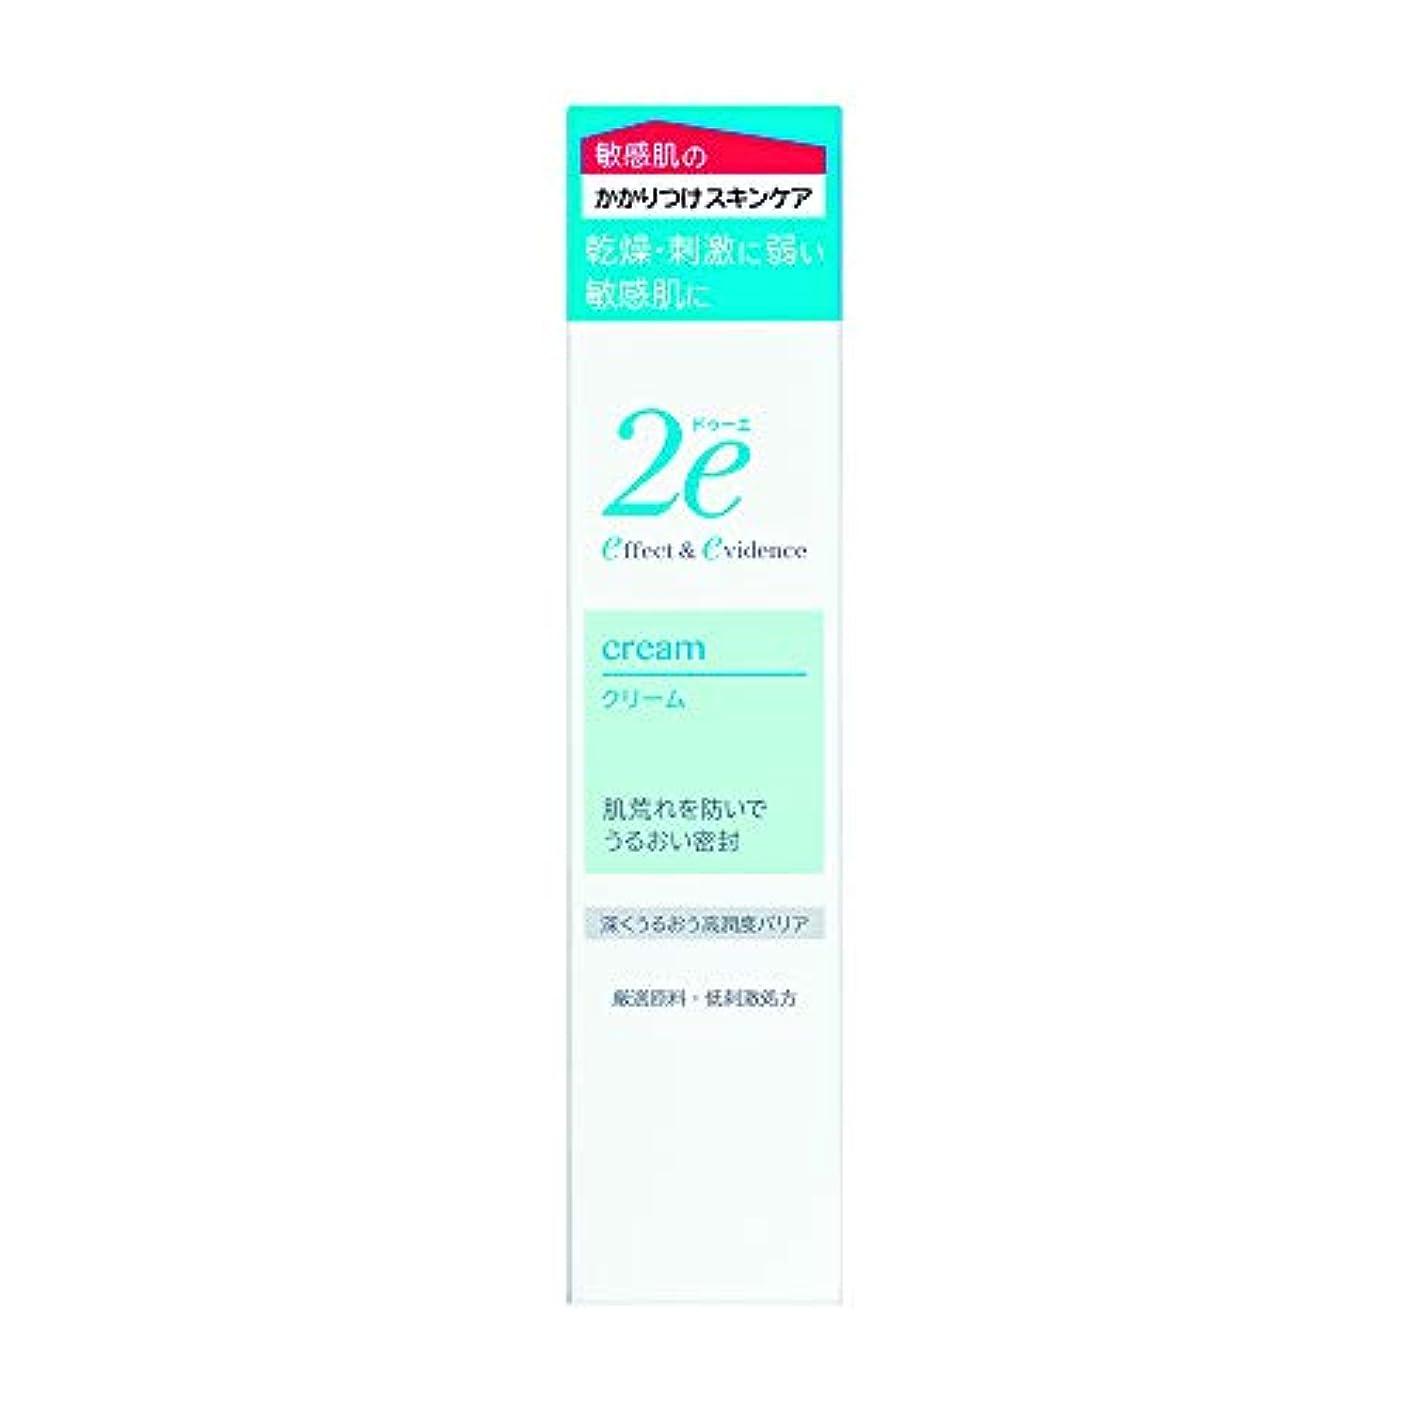 軸異常省2e(ドゥーエ) クリーム 敏感肌用クリーム 低刺激処方 深くうるおう高潤度バリア 30g